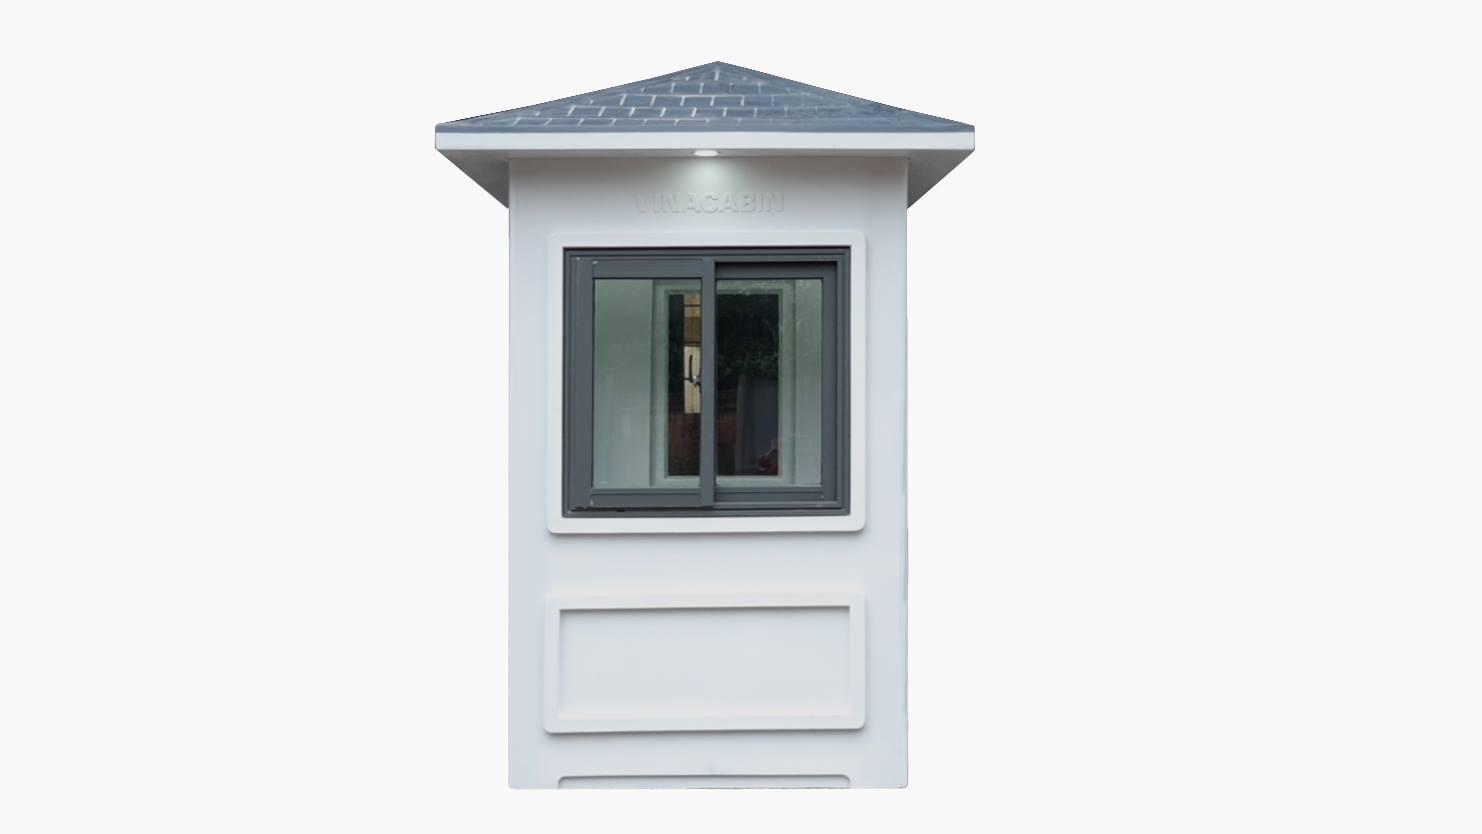 Mặt trước và mặt sau của cabin bảo vệ được lắp thêm đèn chiếu sáng bên ngoài